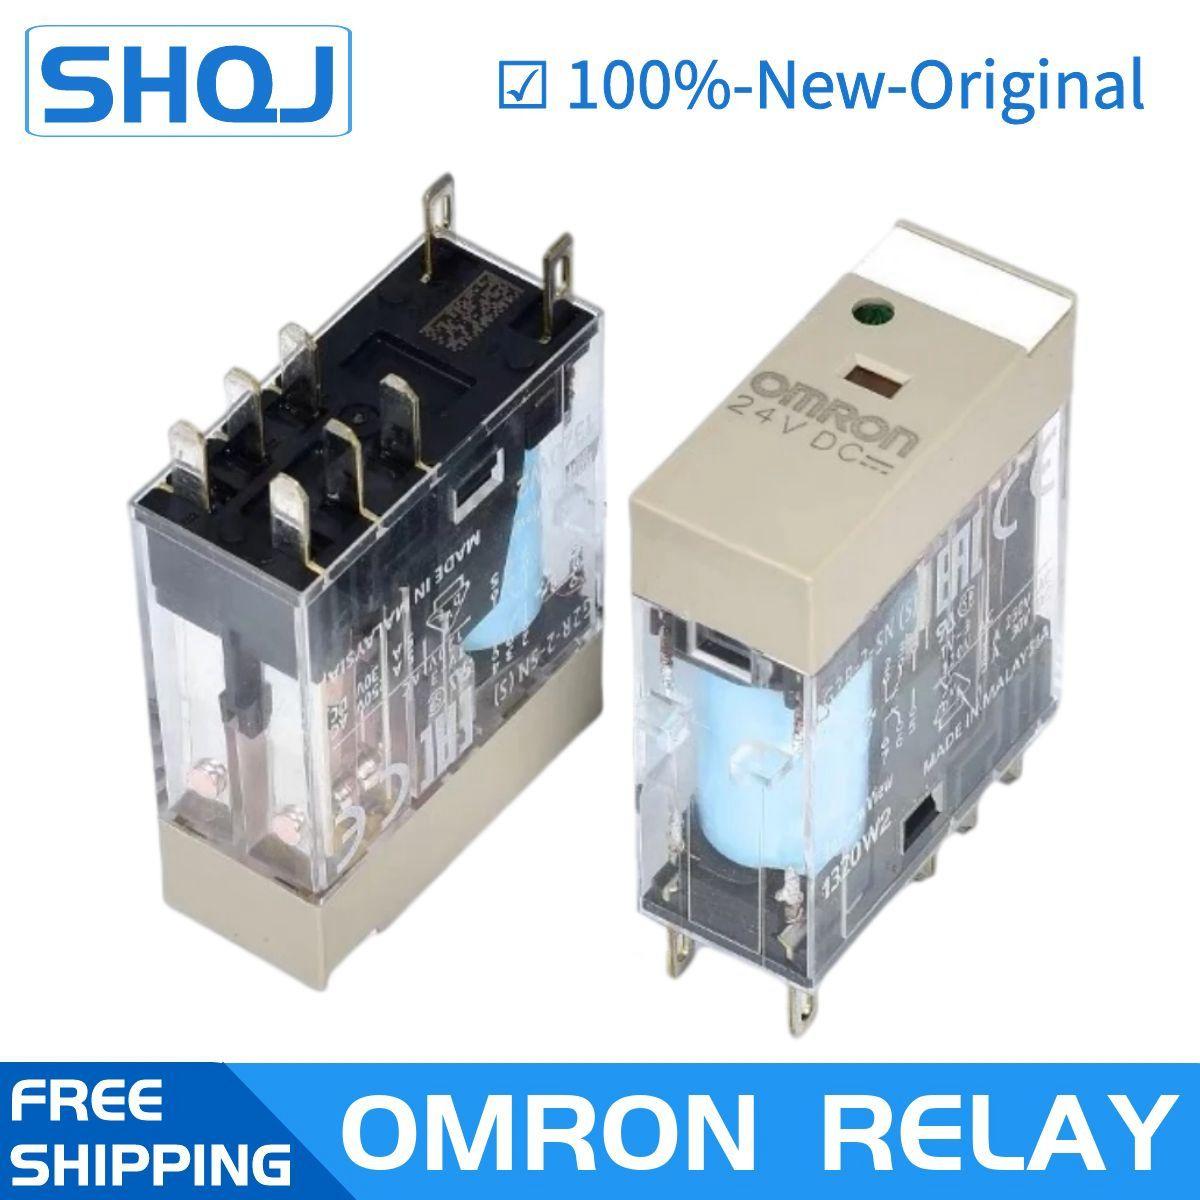 اومرون تتابع G2R-2-SND(S) 24VDC DC24V G2R-2-SN(S) 220VAC 24VDC P2RF-08-E العلامة التجارية جديد ومبتكرة تتابع